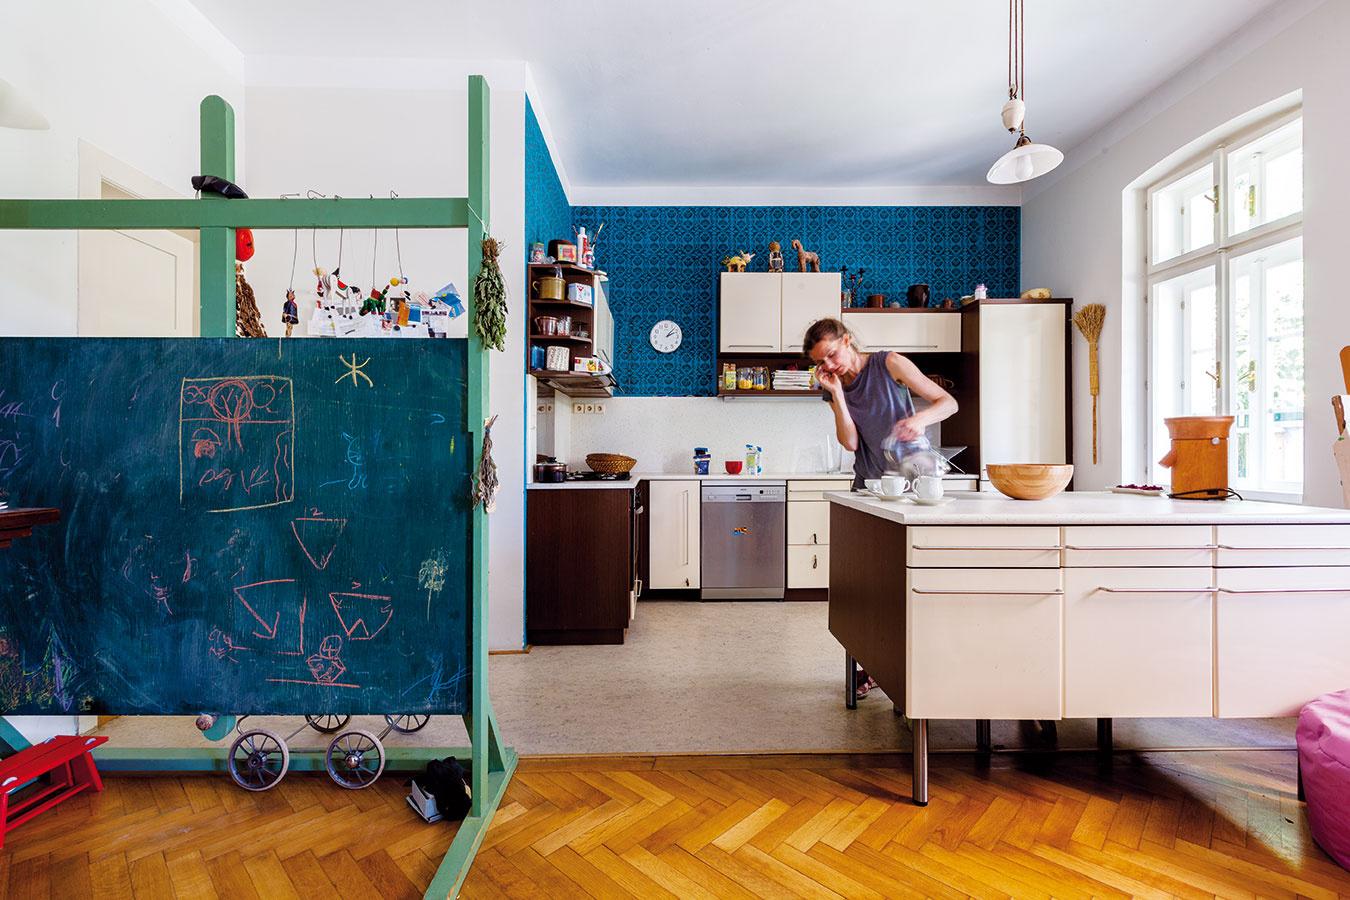 Ku kuchyni nevyhnutne patrila ťažšia maľovka. Po otvorení dispozície poschodia potrebovala stena nad kuchynskou linkou opticky pritiahnuť do stredu priestoru. Na tabuli zučňovského strediska Reidrovej továrne si deti precvičujú úlohy afantáziu.